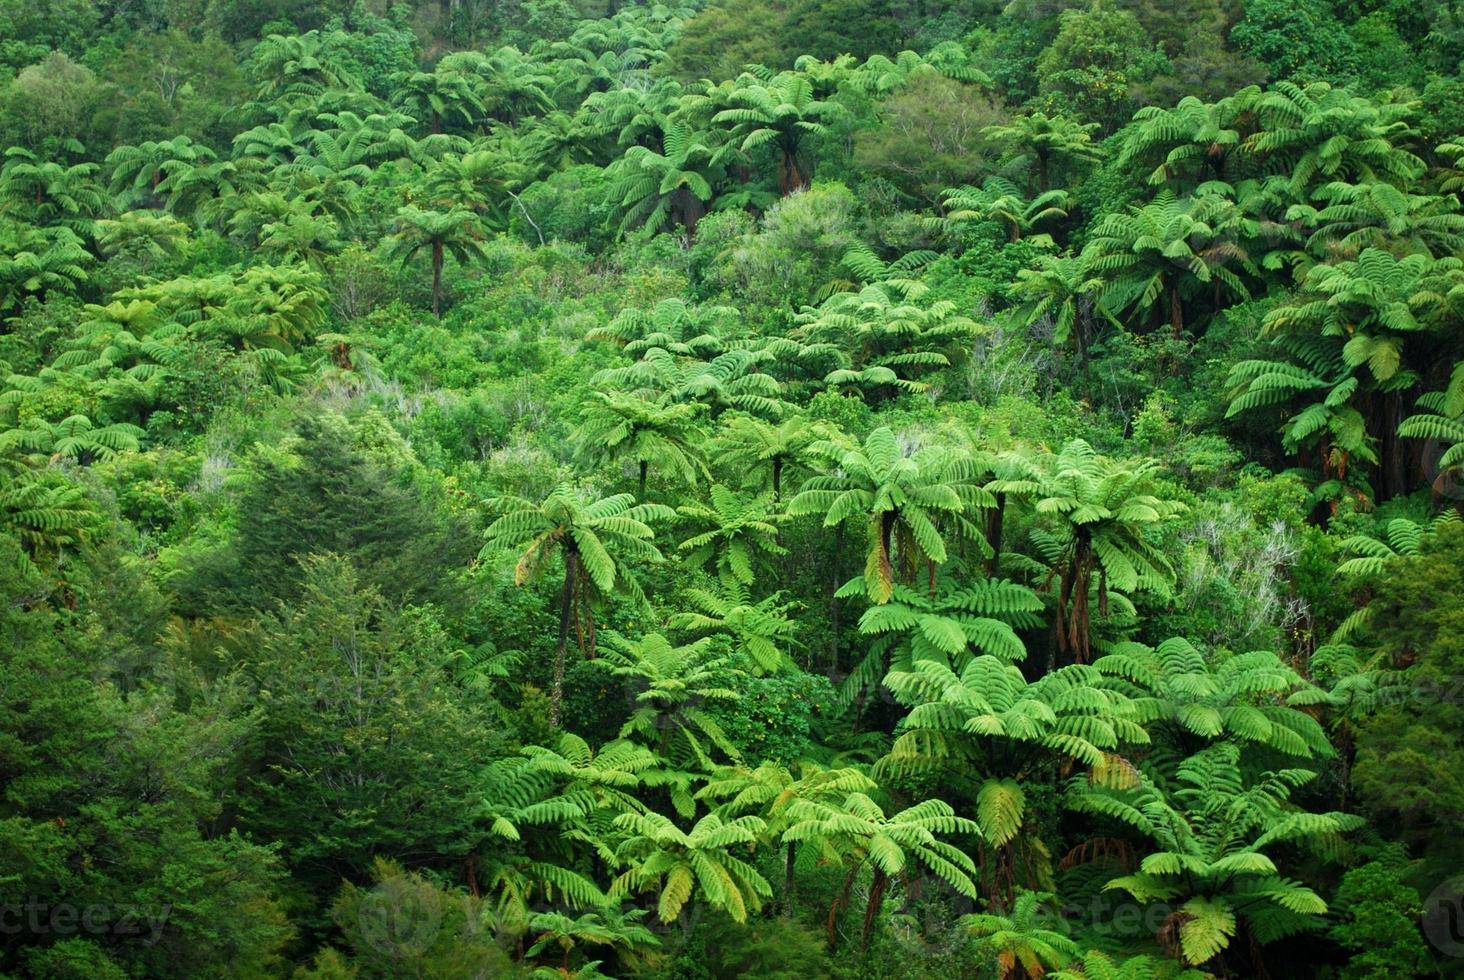 pungas e bush nativo sullo sfondo, nz foto